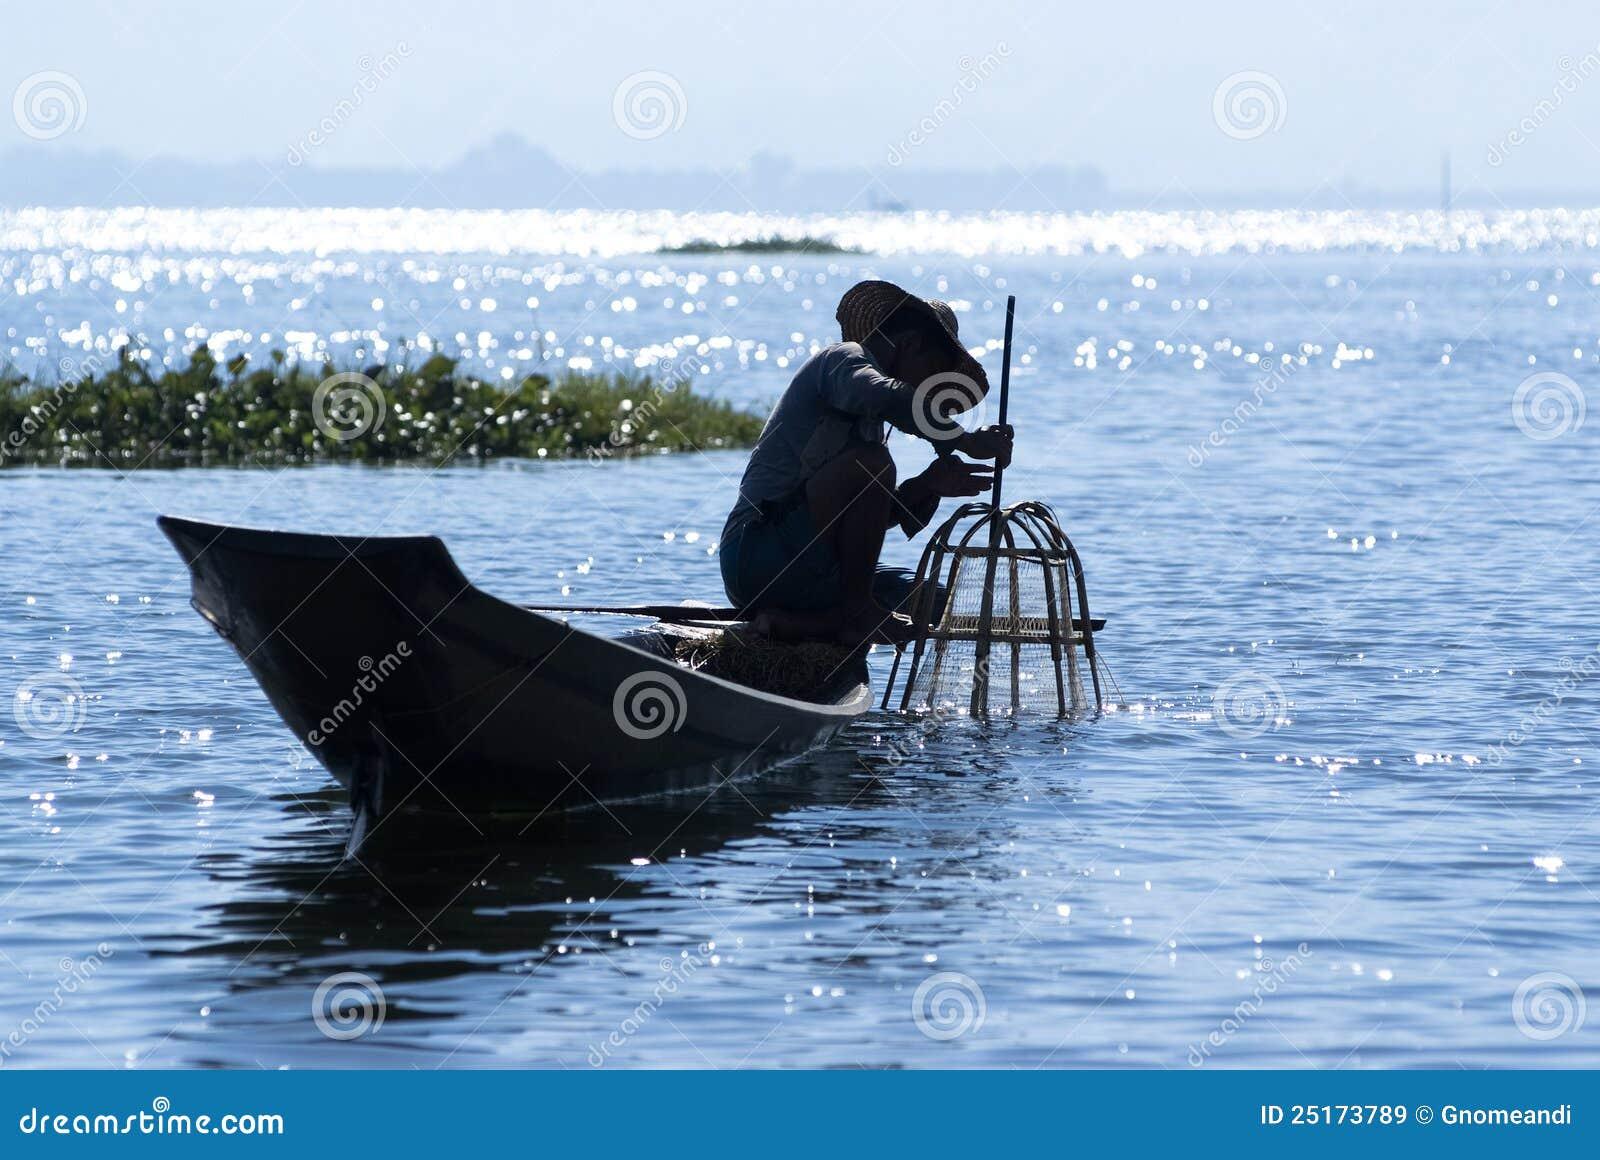 17 2011抓住设备2月鱼渔夫钓鱼的食物inle intha湖行程缅甸人拥有